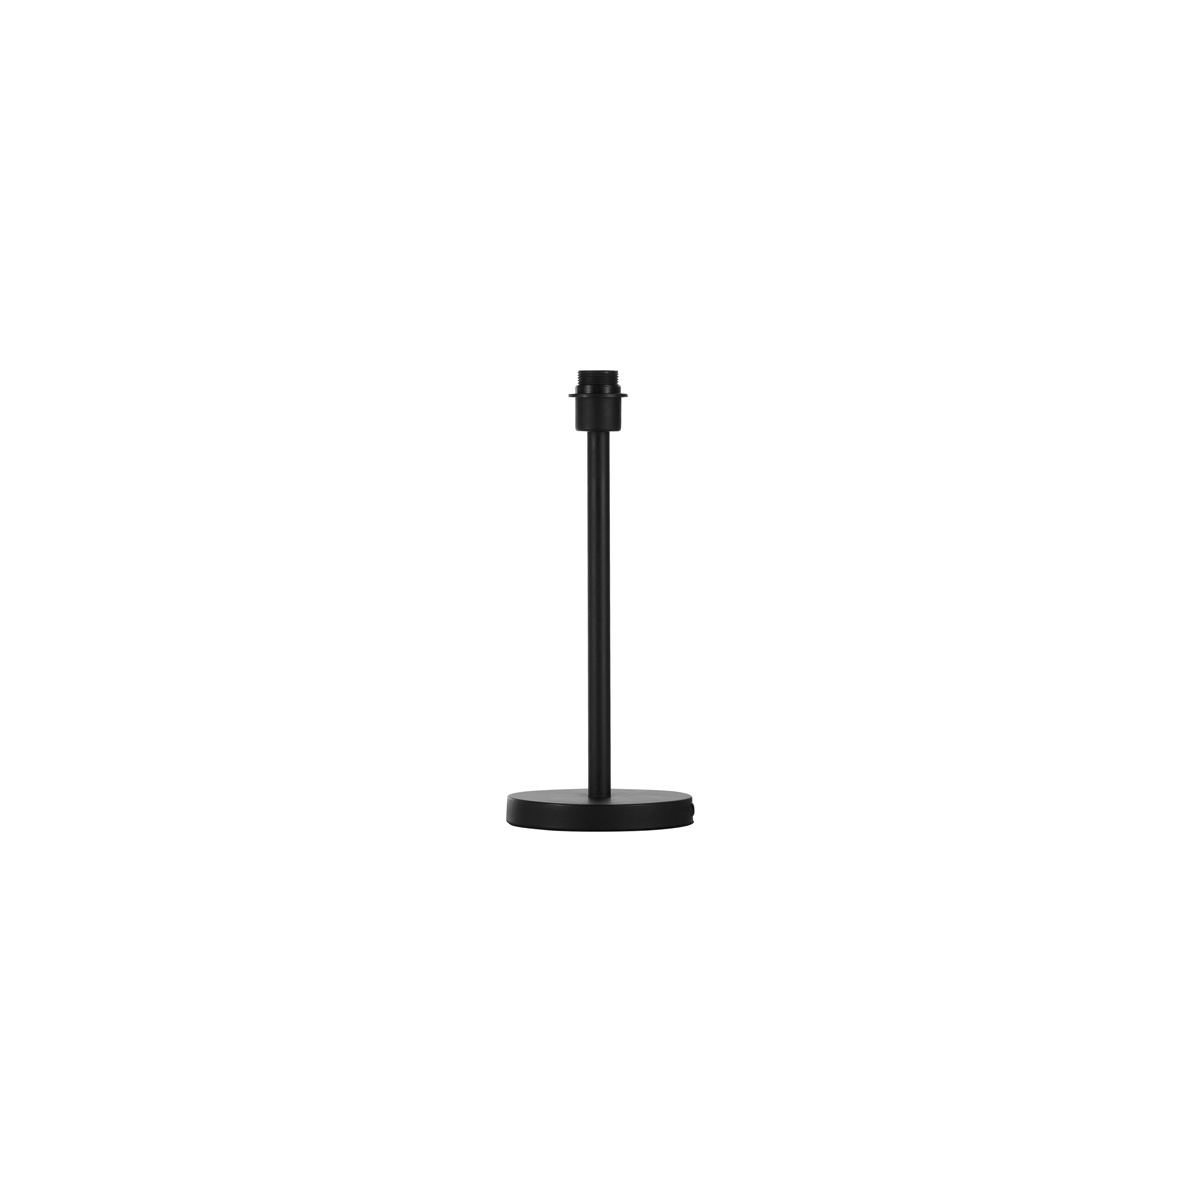 SOPRANA TL-2 Tischleuchte, schwarz, ohne schirm,